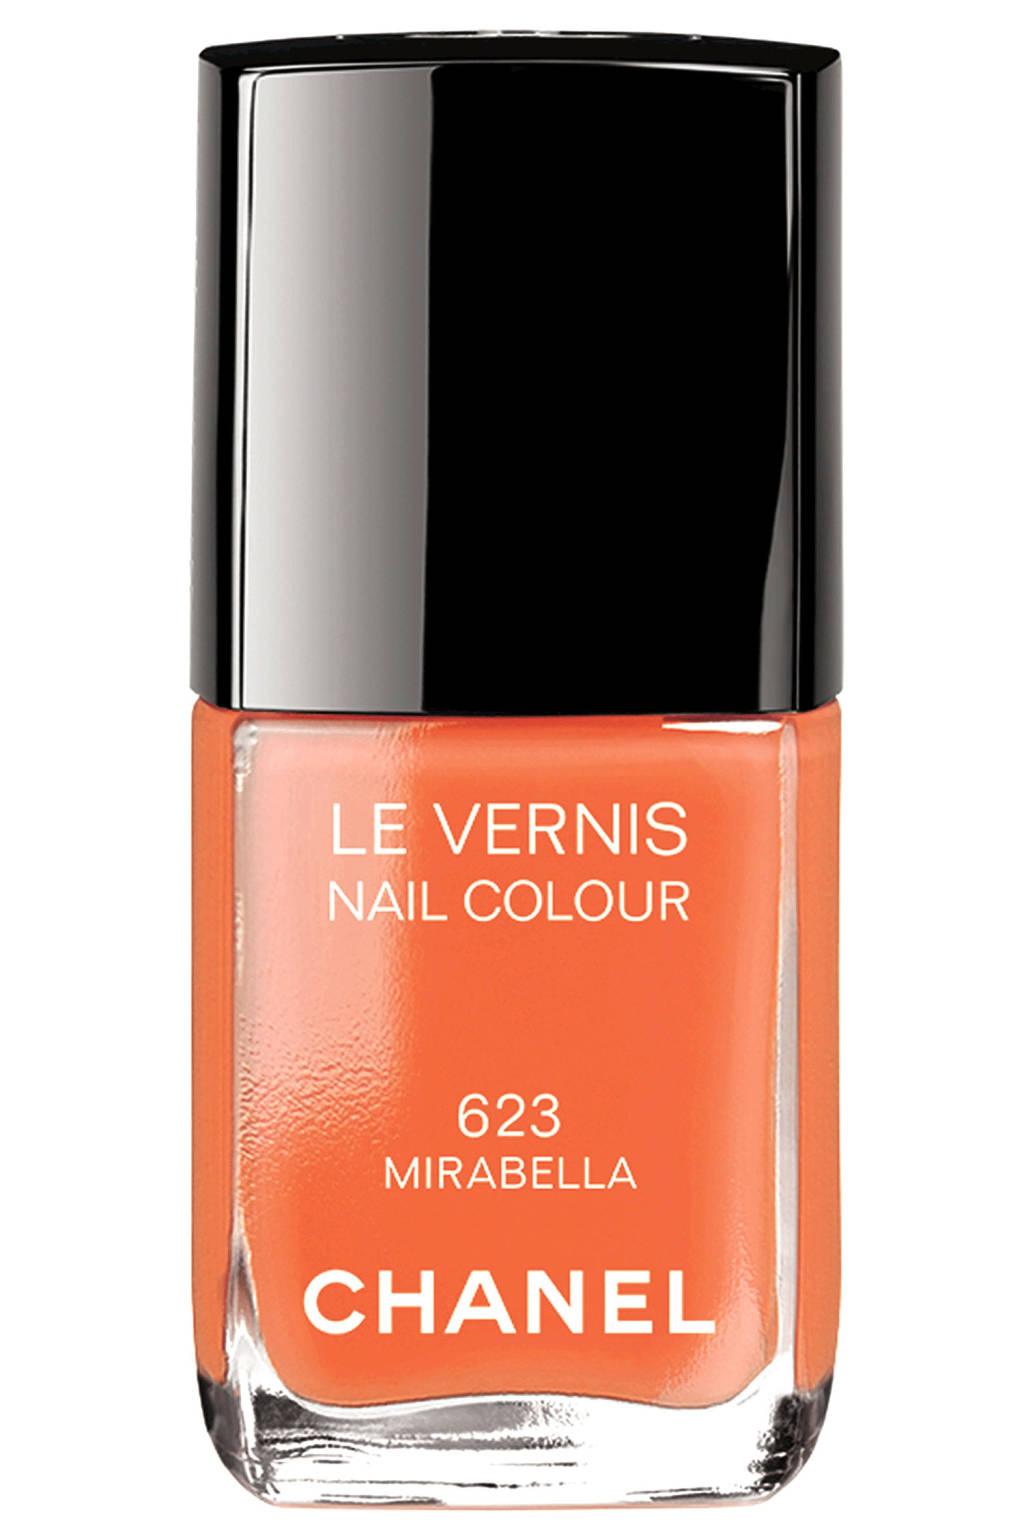 hbz-summer-nails-Chanel-Mirabella-lg.jpeg